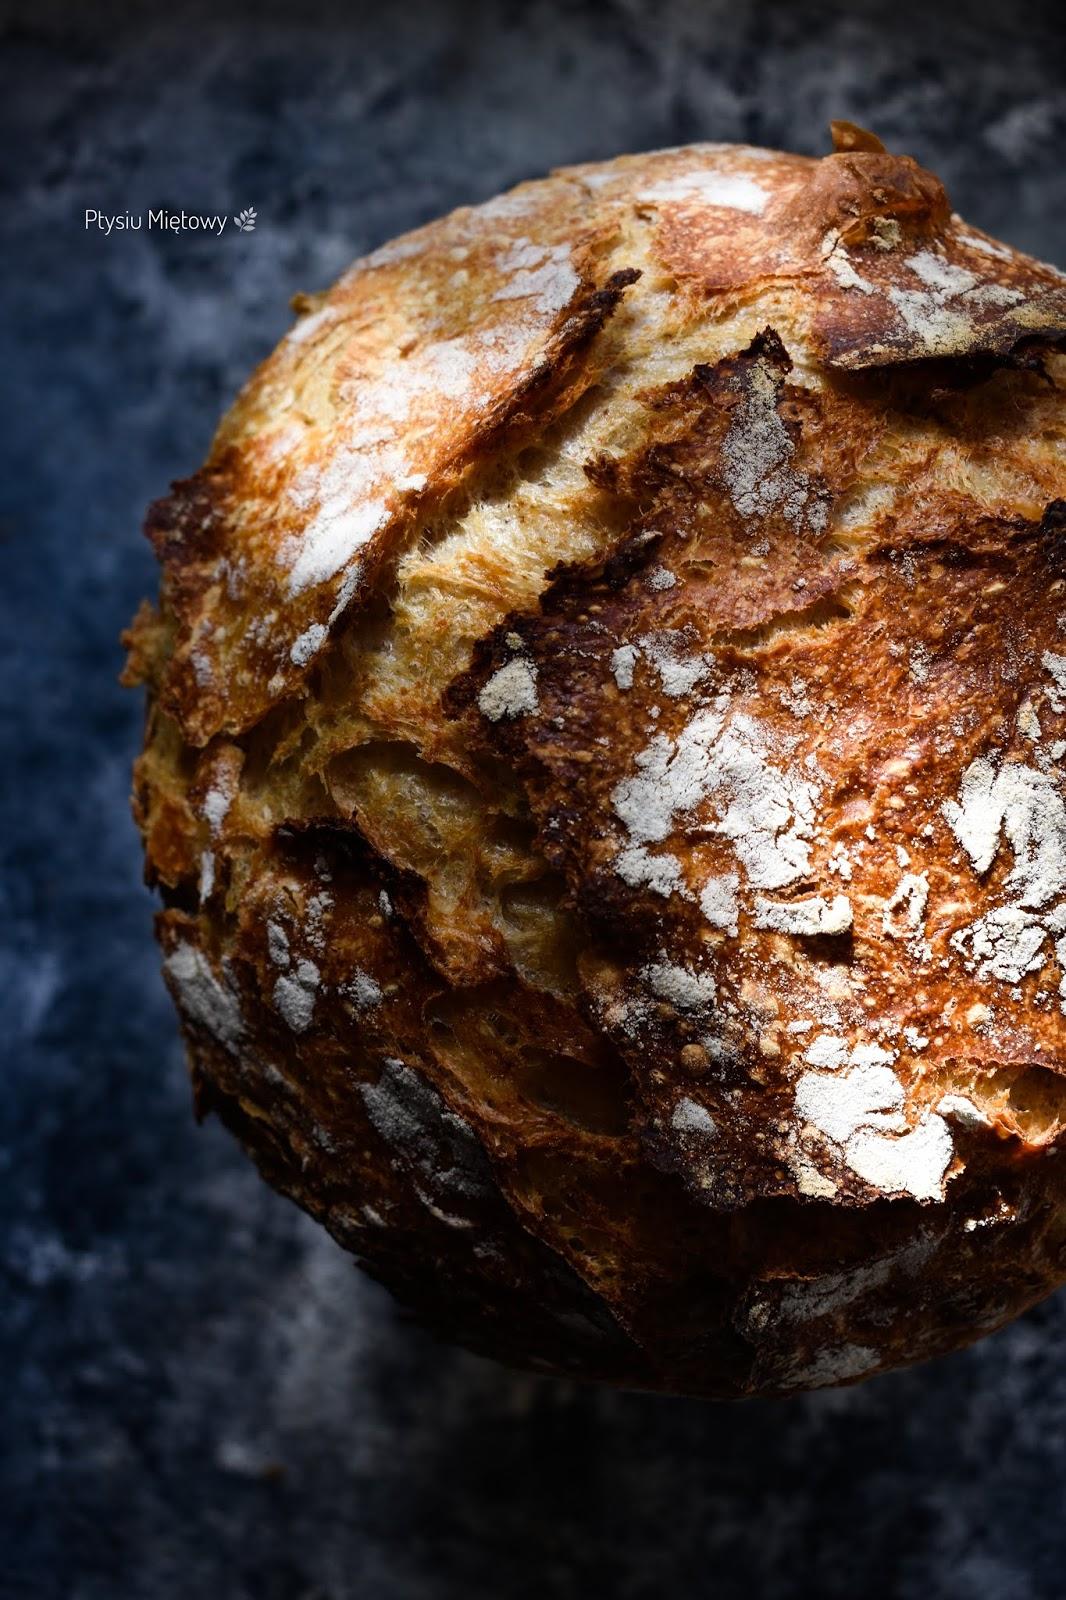 chleb, zakwas, ptysiu mietowy